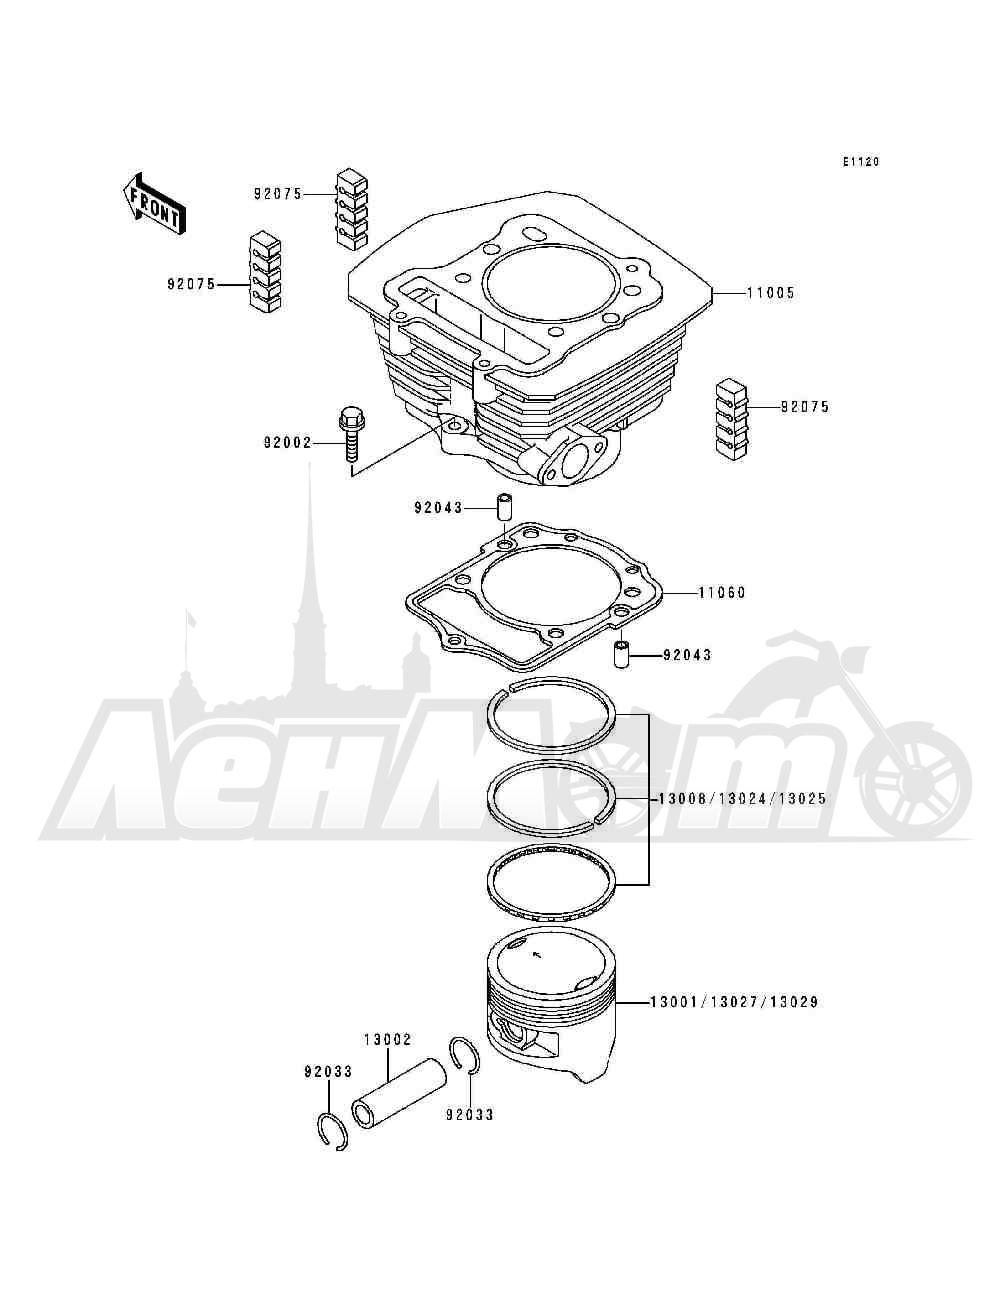 Запчасти для Квадроцикла Kawasaki 1993 BAYOU 300 (KLF300-B6) Раздел: CYLINDER / PISTON(S) | цилиндр/поршень (S)